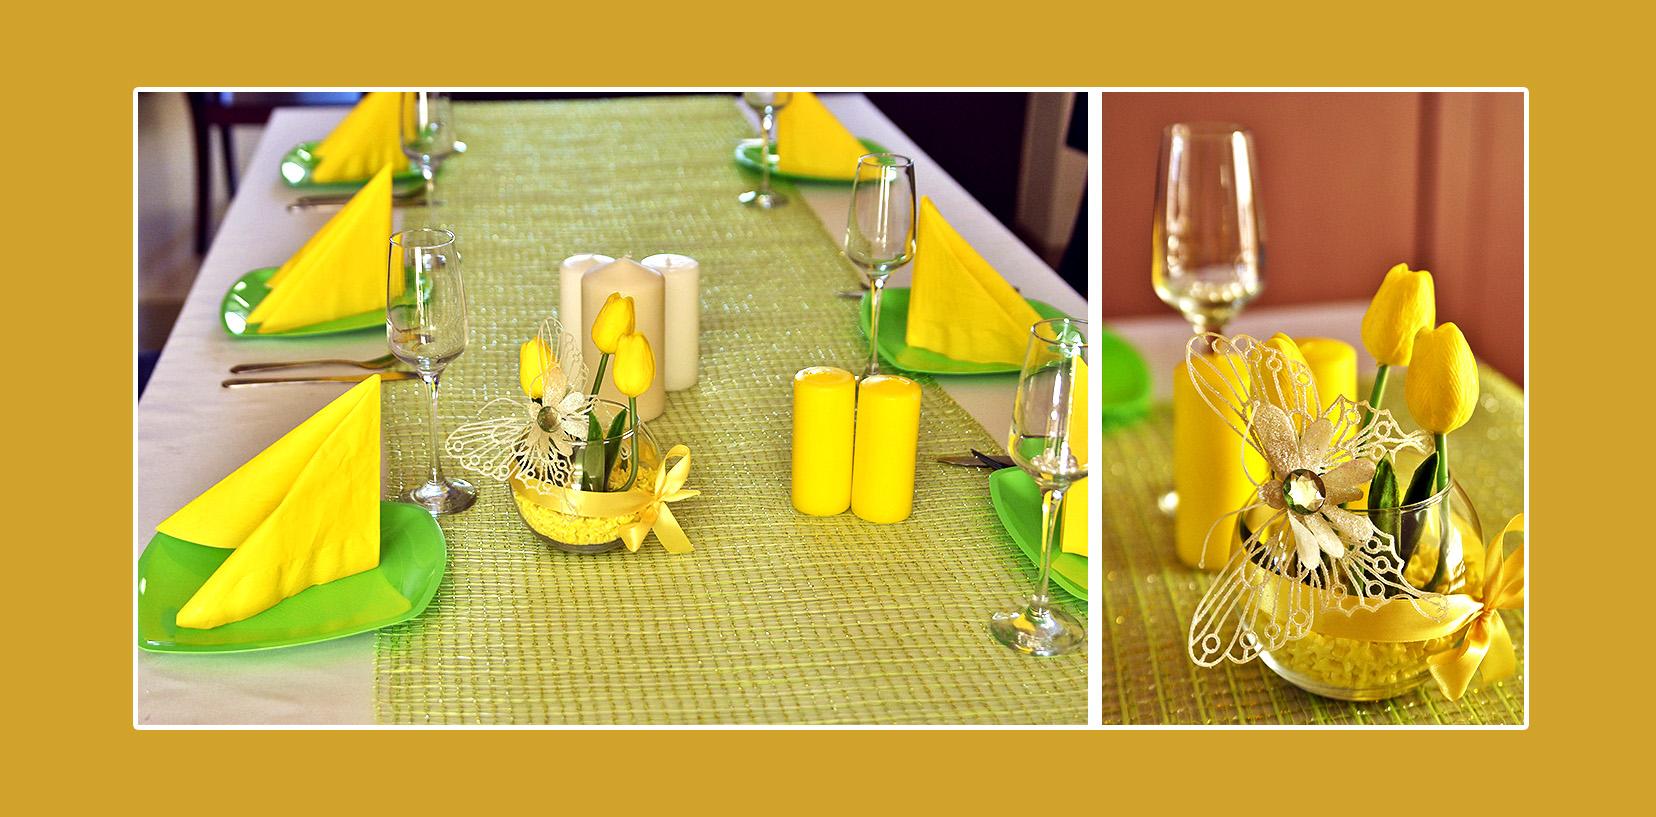 Tischdeko Kindergeburtstag Servietten Grün Gelb